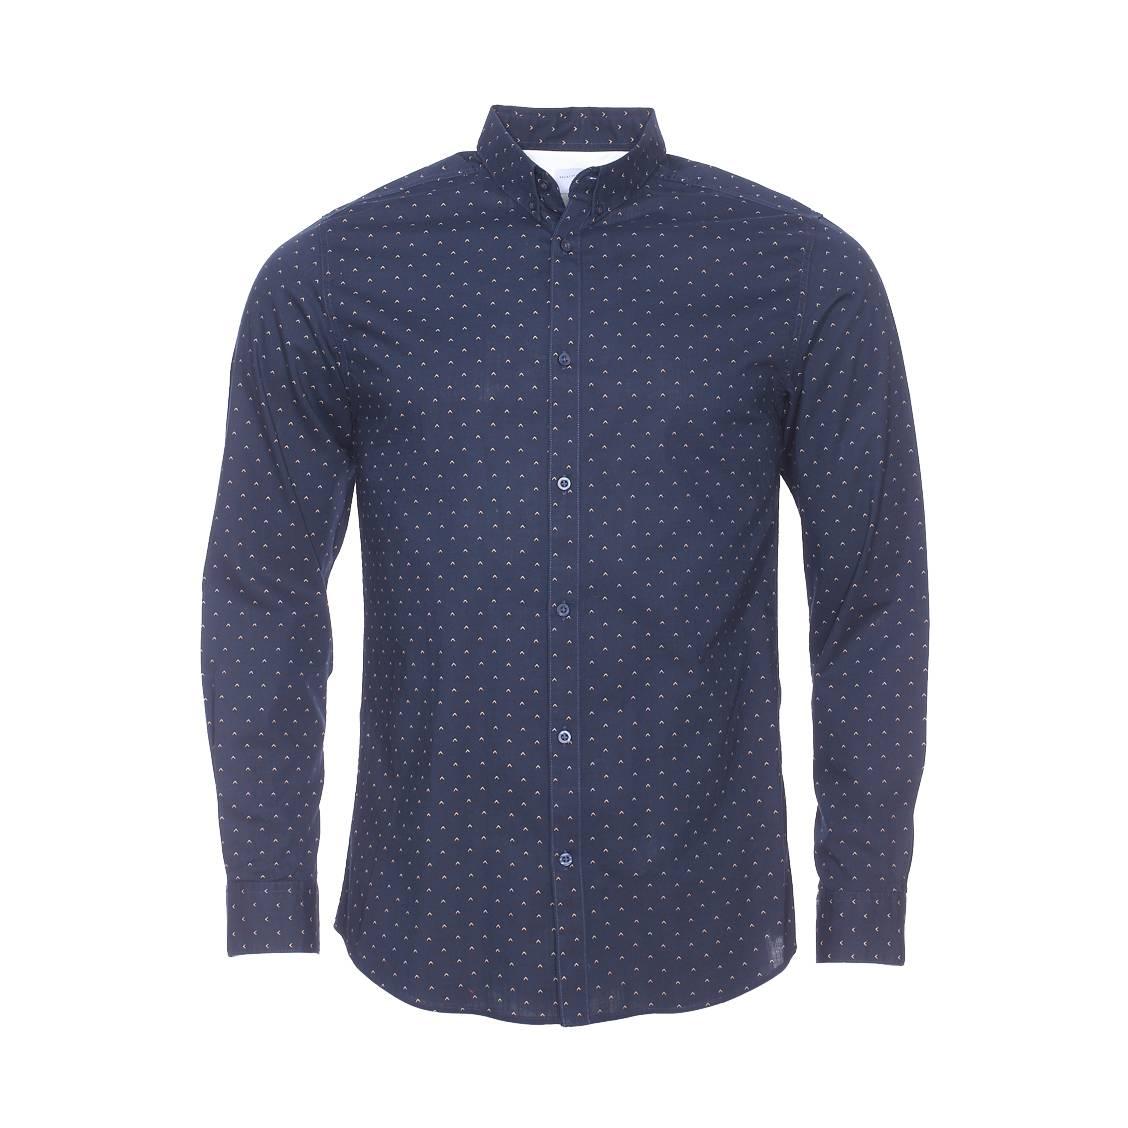 Chemise cintrée  en coton bleu marine à motifs marron